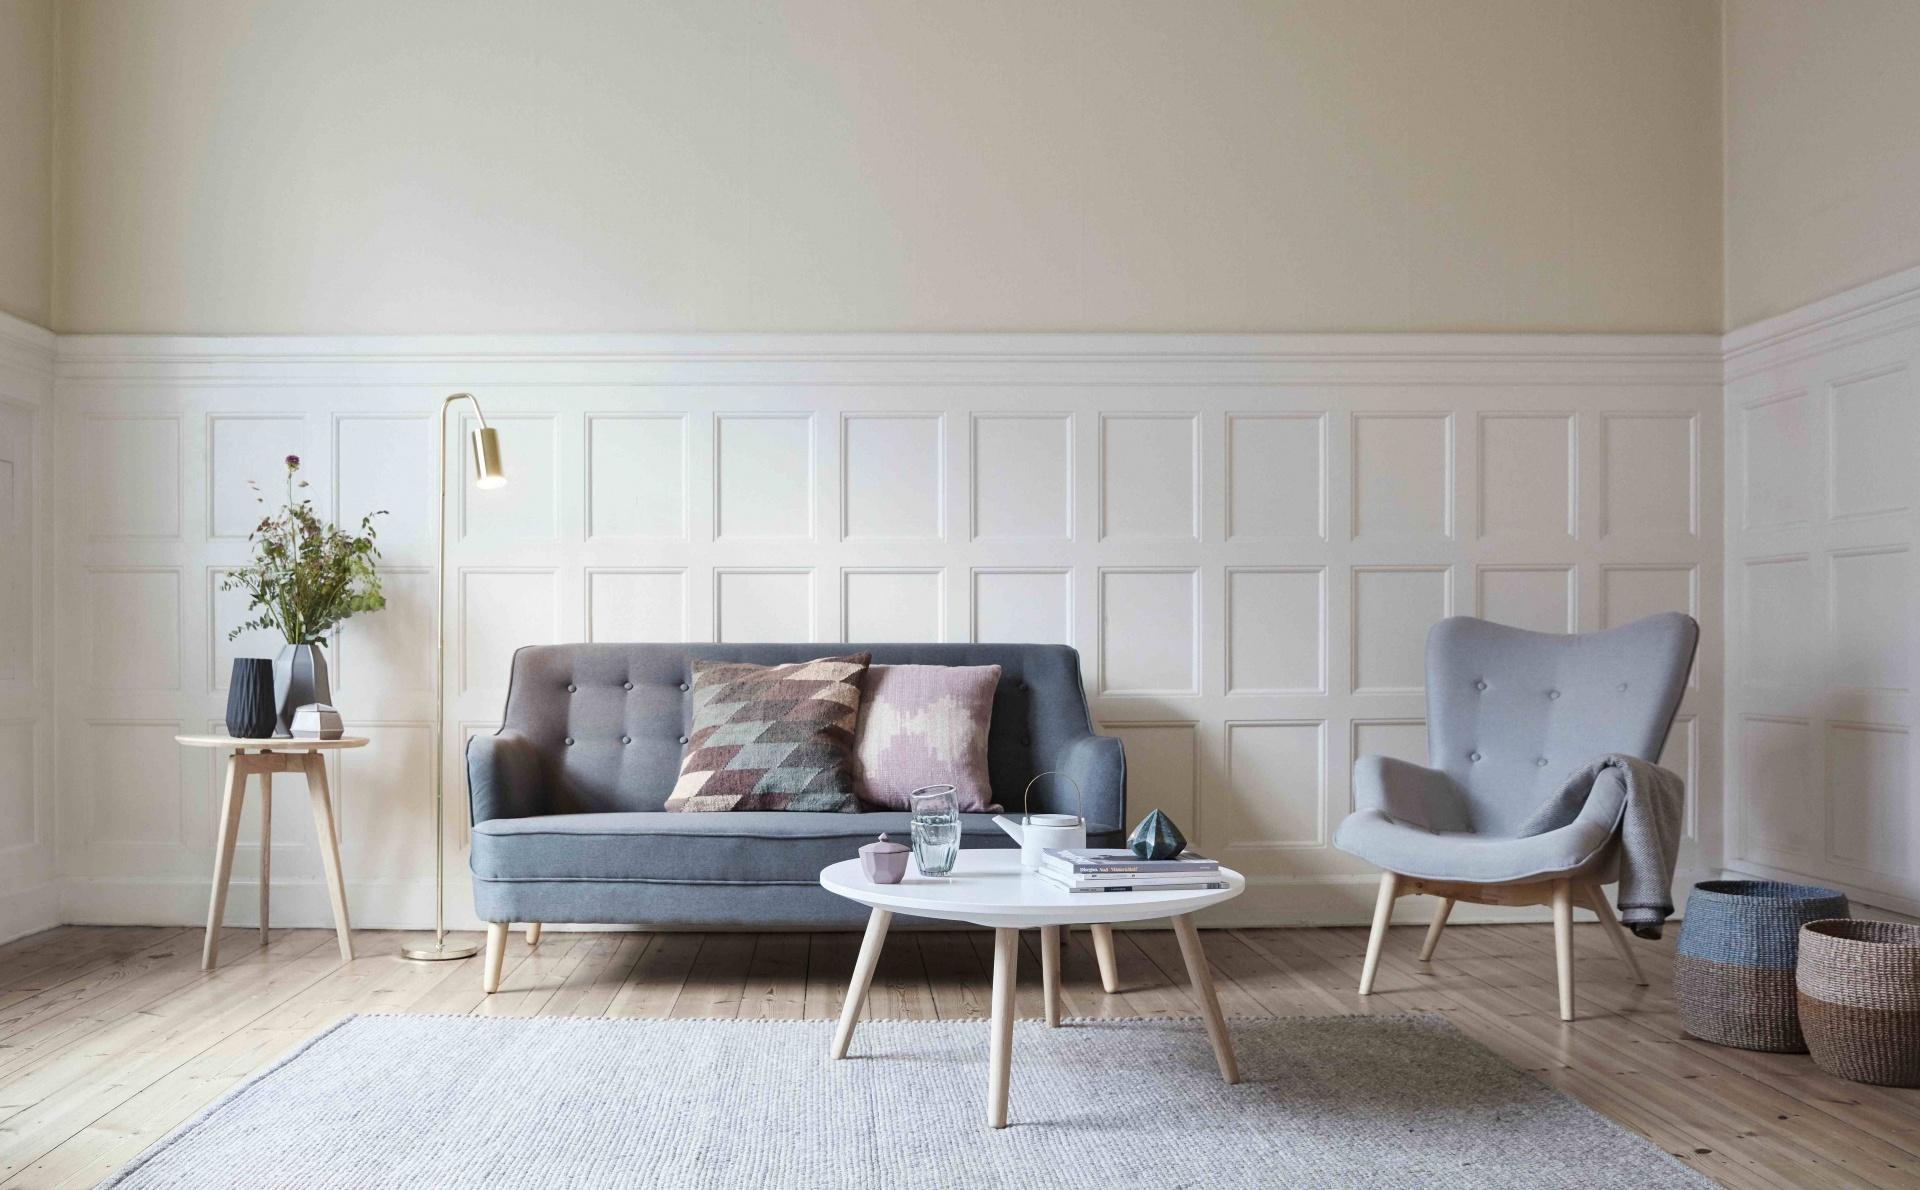 10 dinge die ihre wohnung jetzt braucht. Black Bedroom Furniture Sets. Home Design Ideas